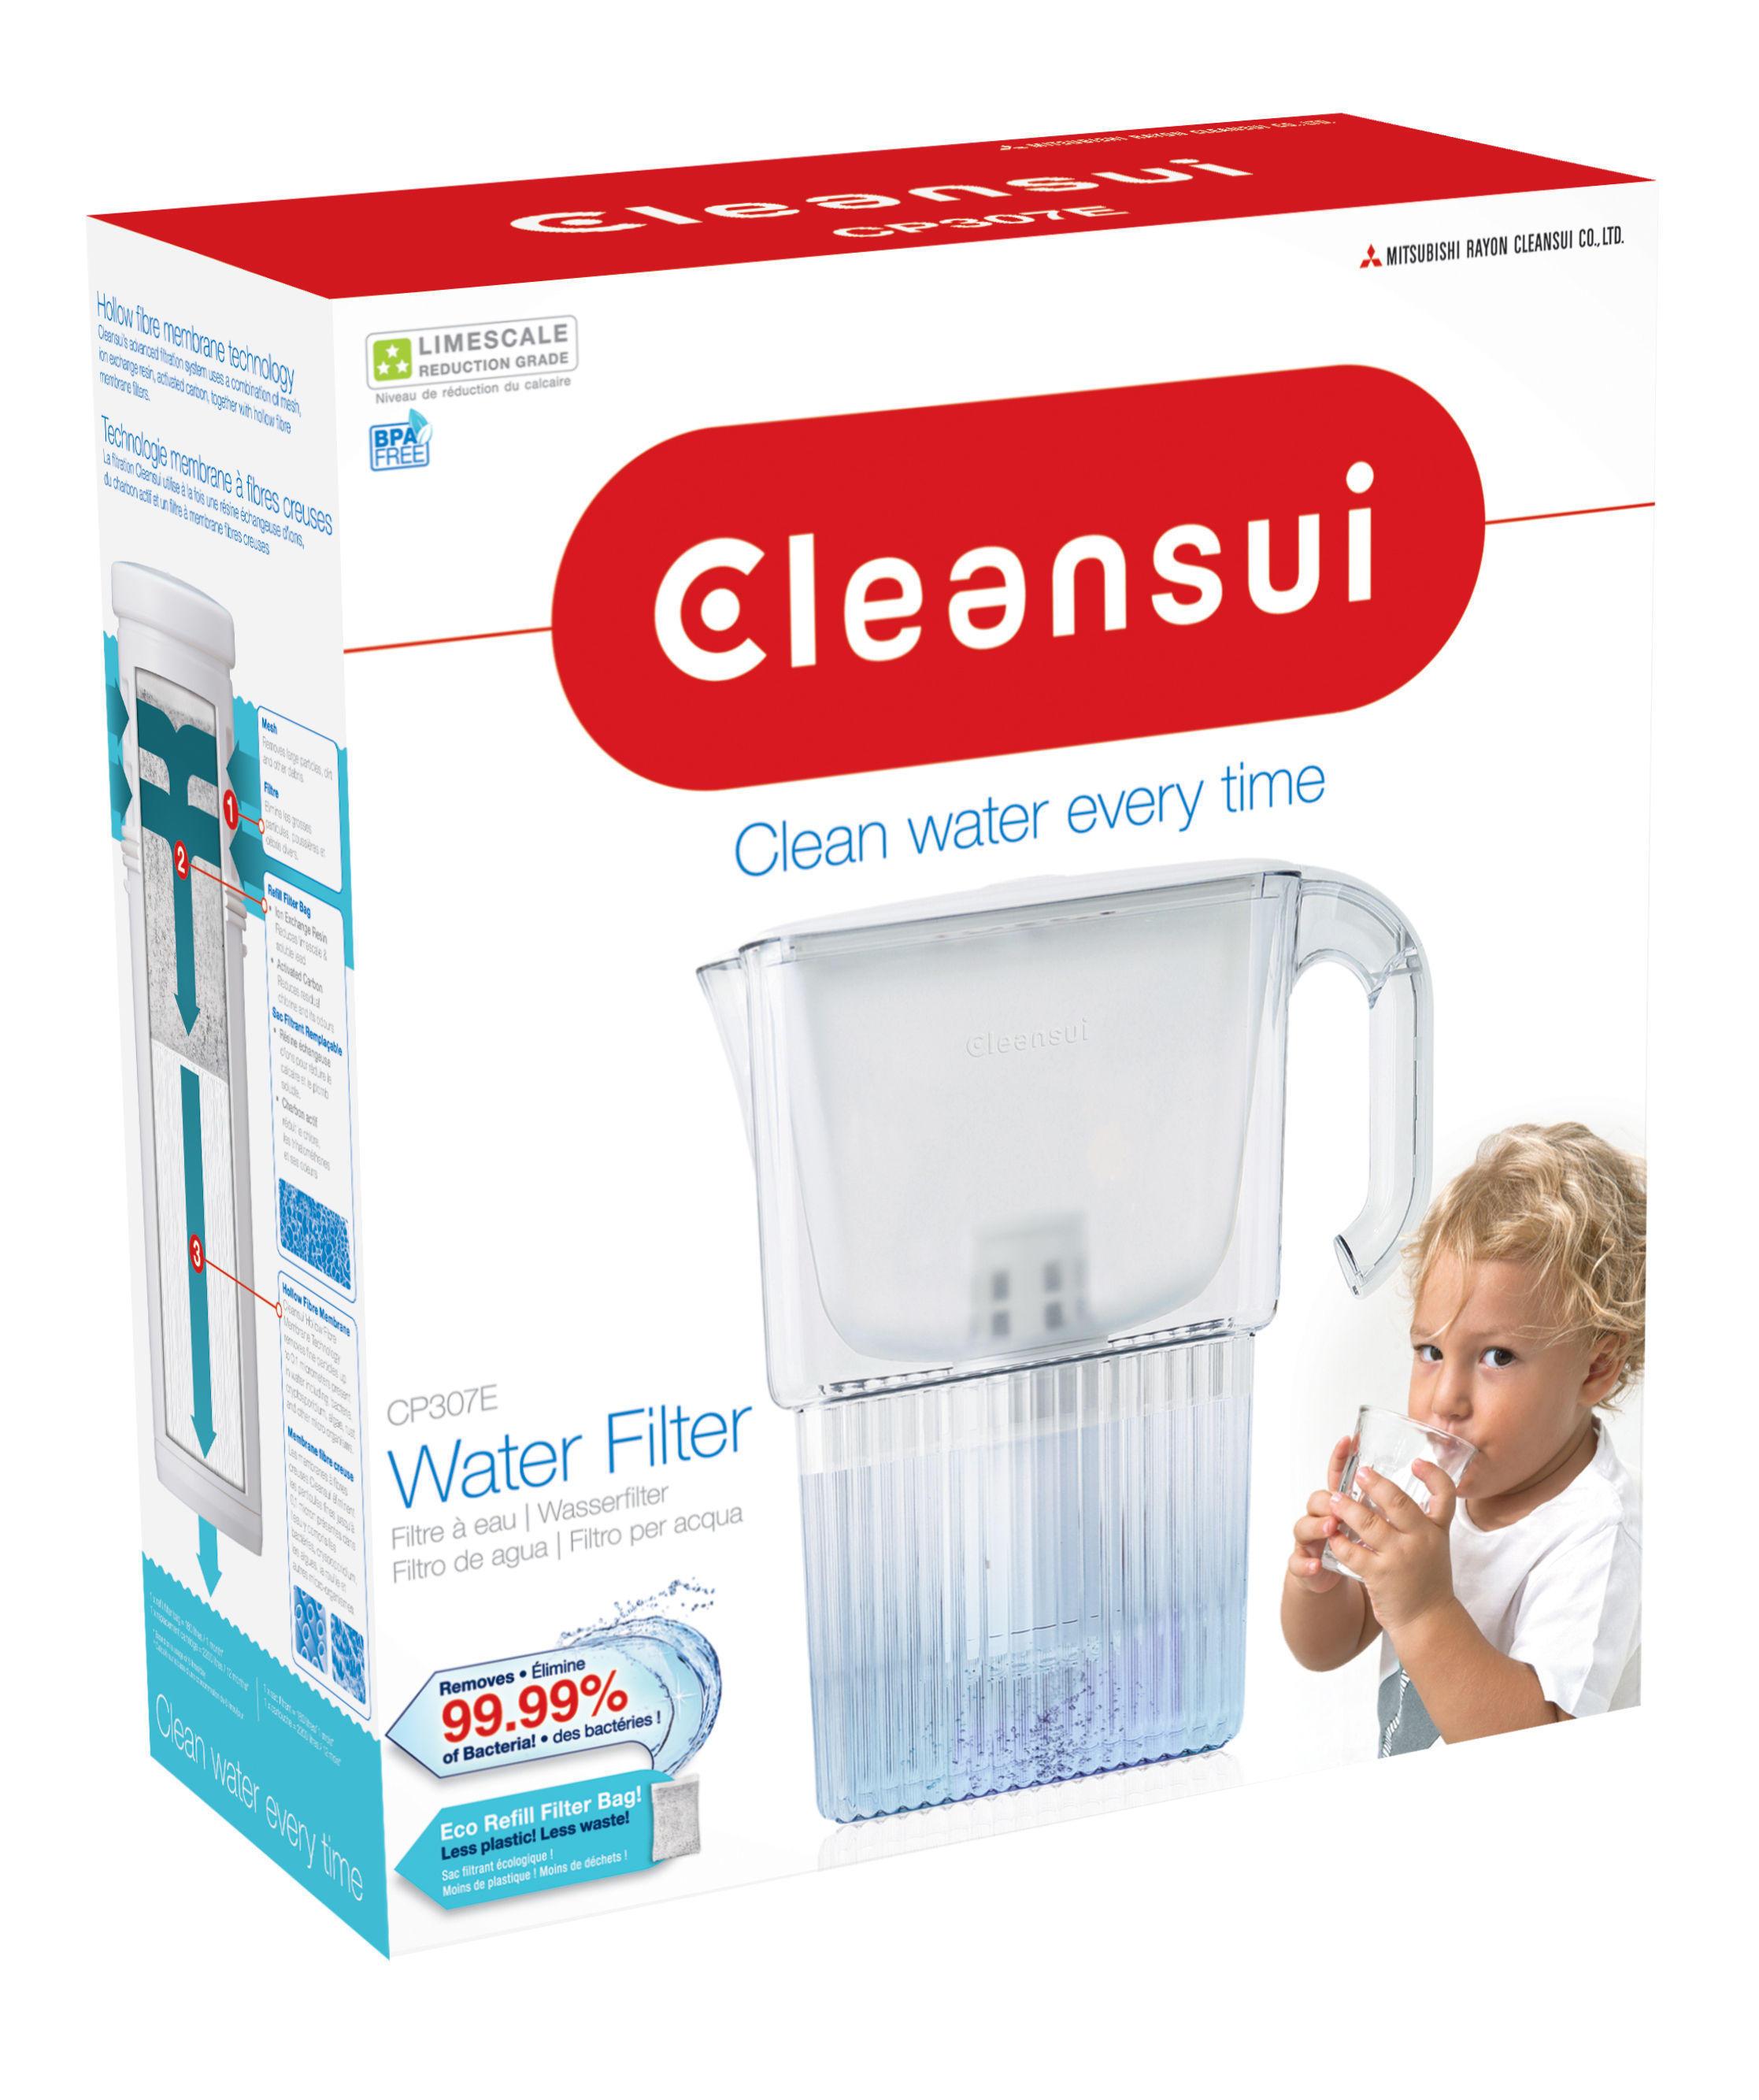 Filtry Cleansui z usuwającą kamień wymienną torbą filtrującą na targach Aquatec